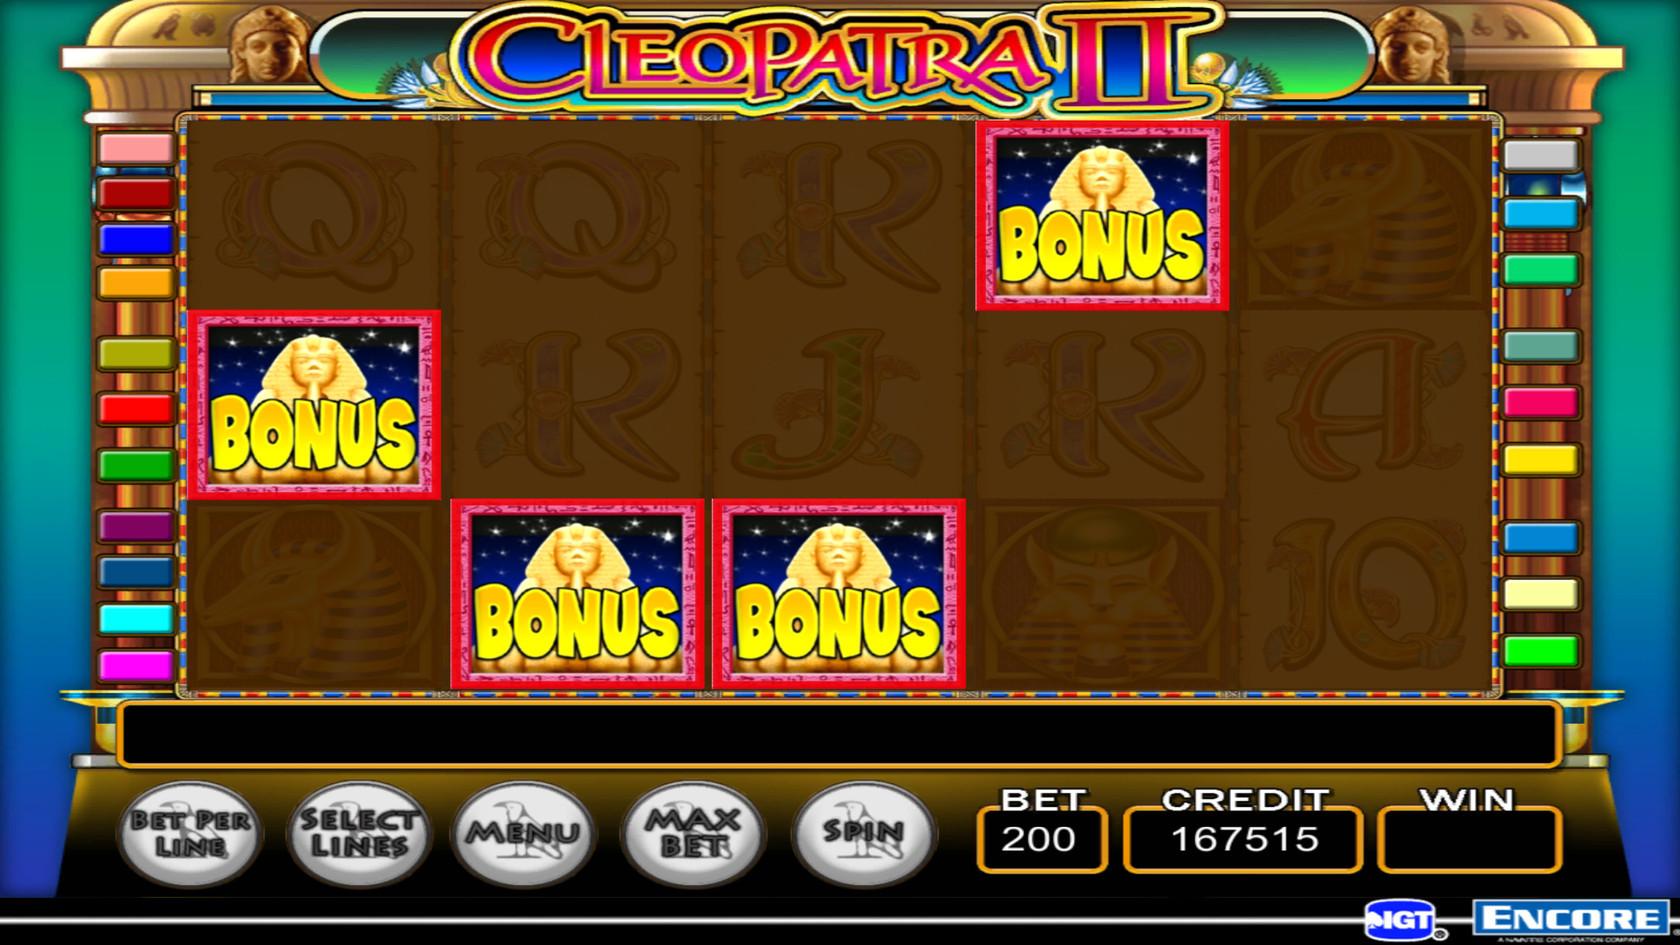 Cleopatra slot bonuses